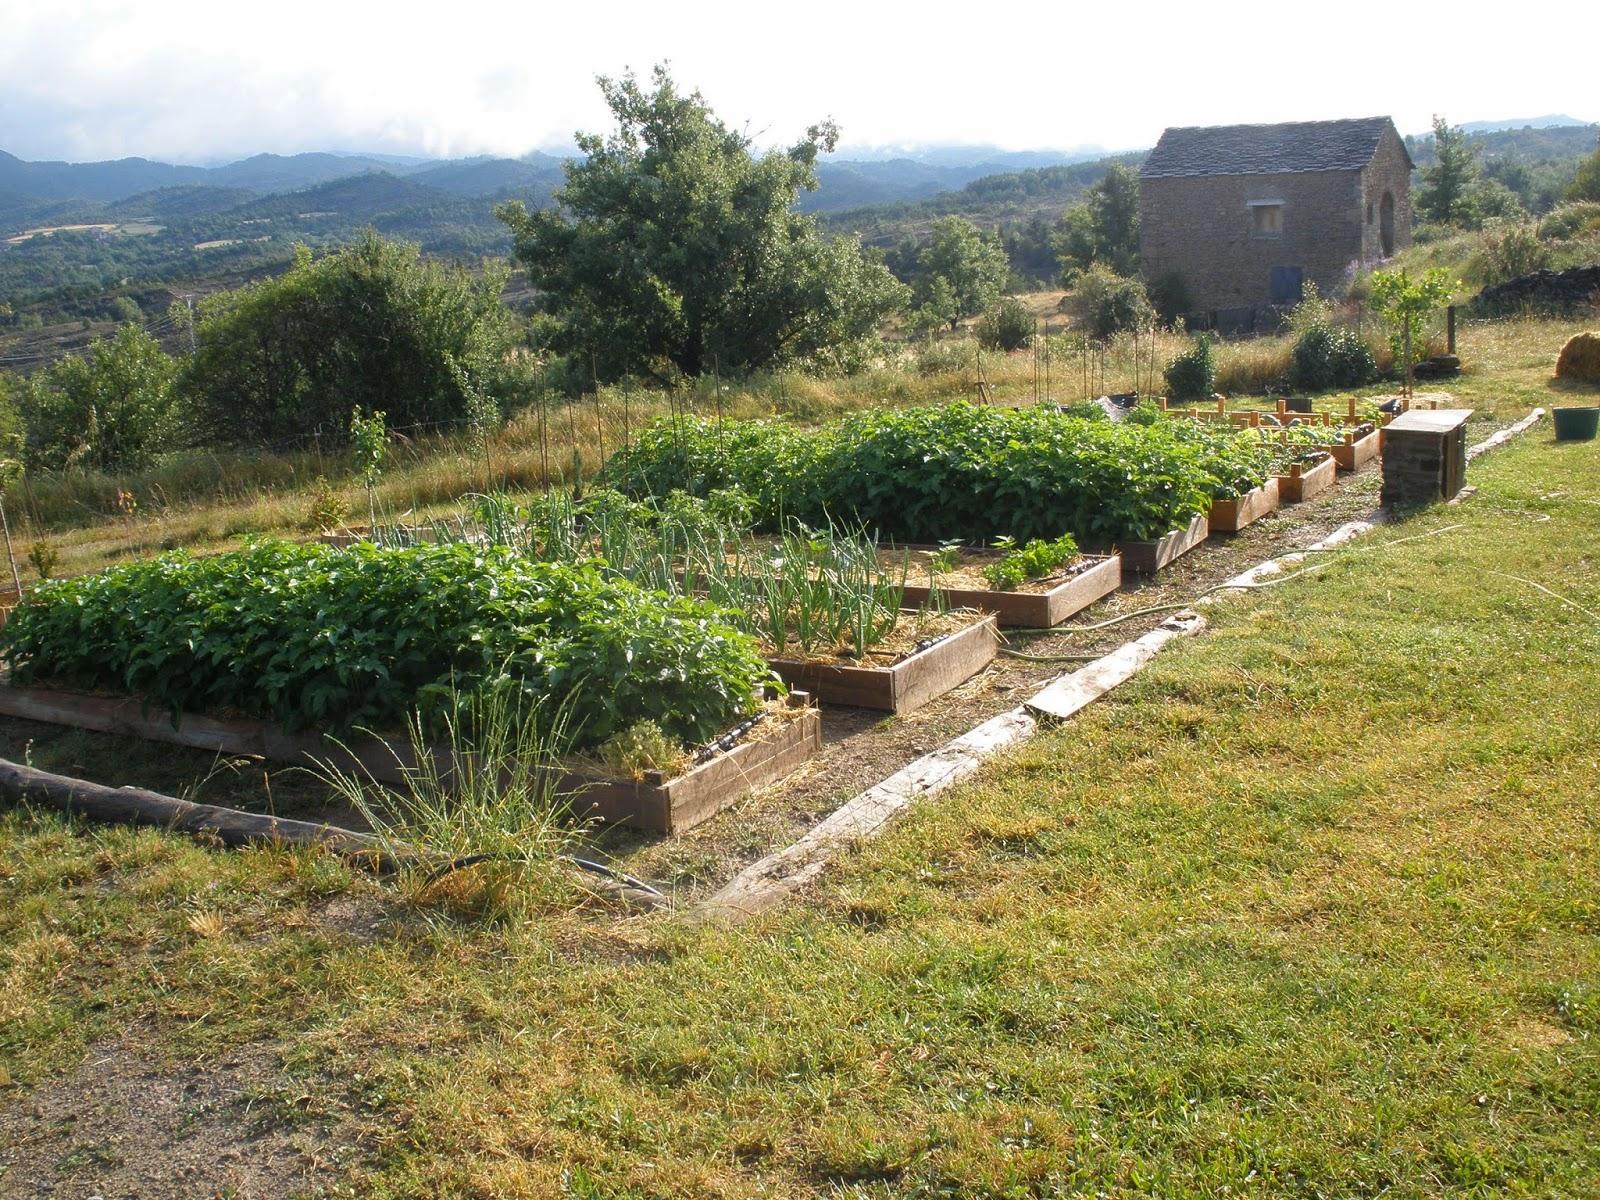 El jard n de gautama bancales elevados for Piedrecillas para jardin